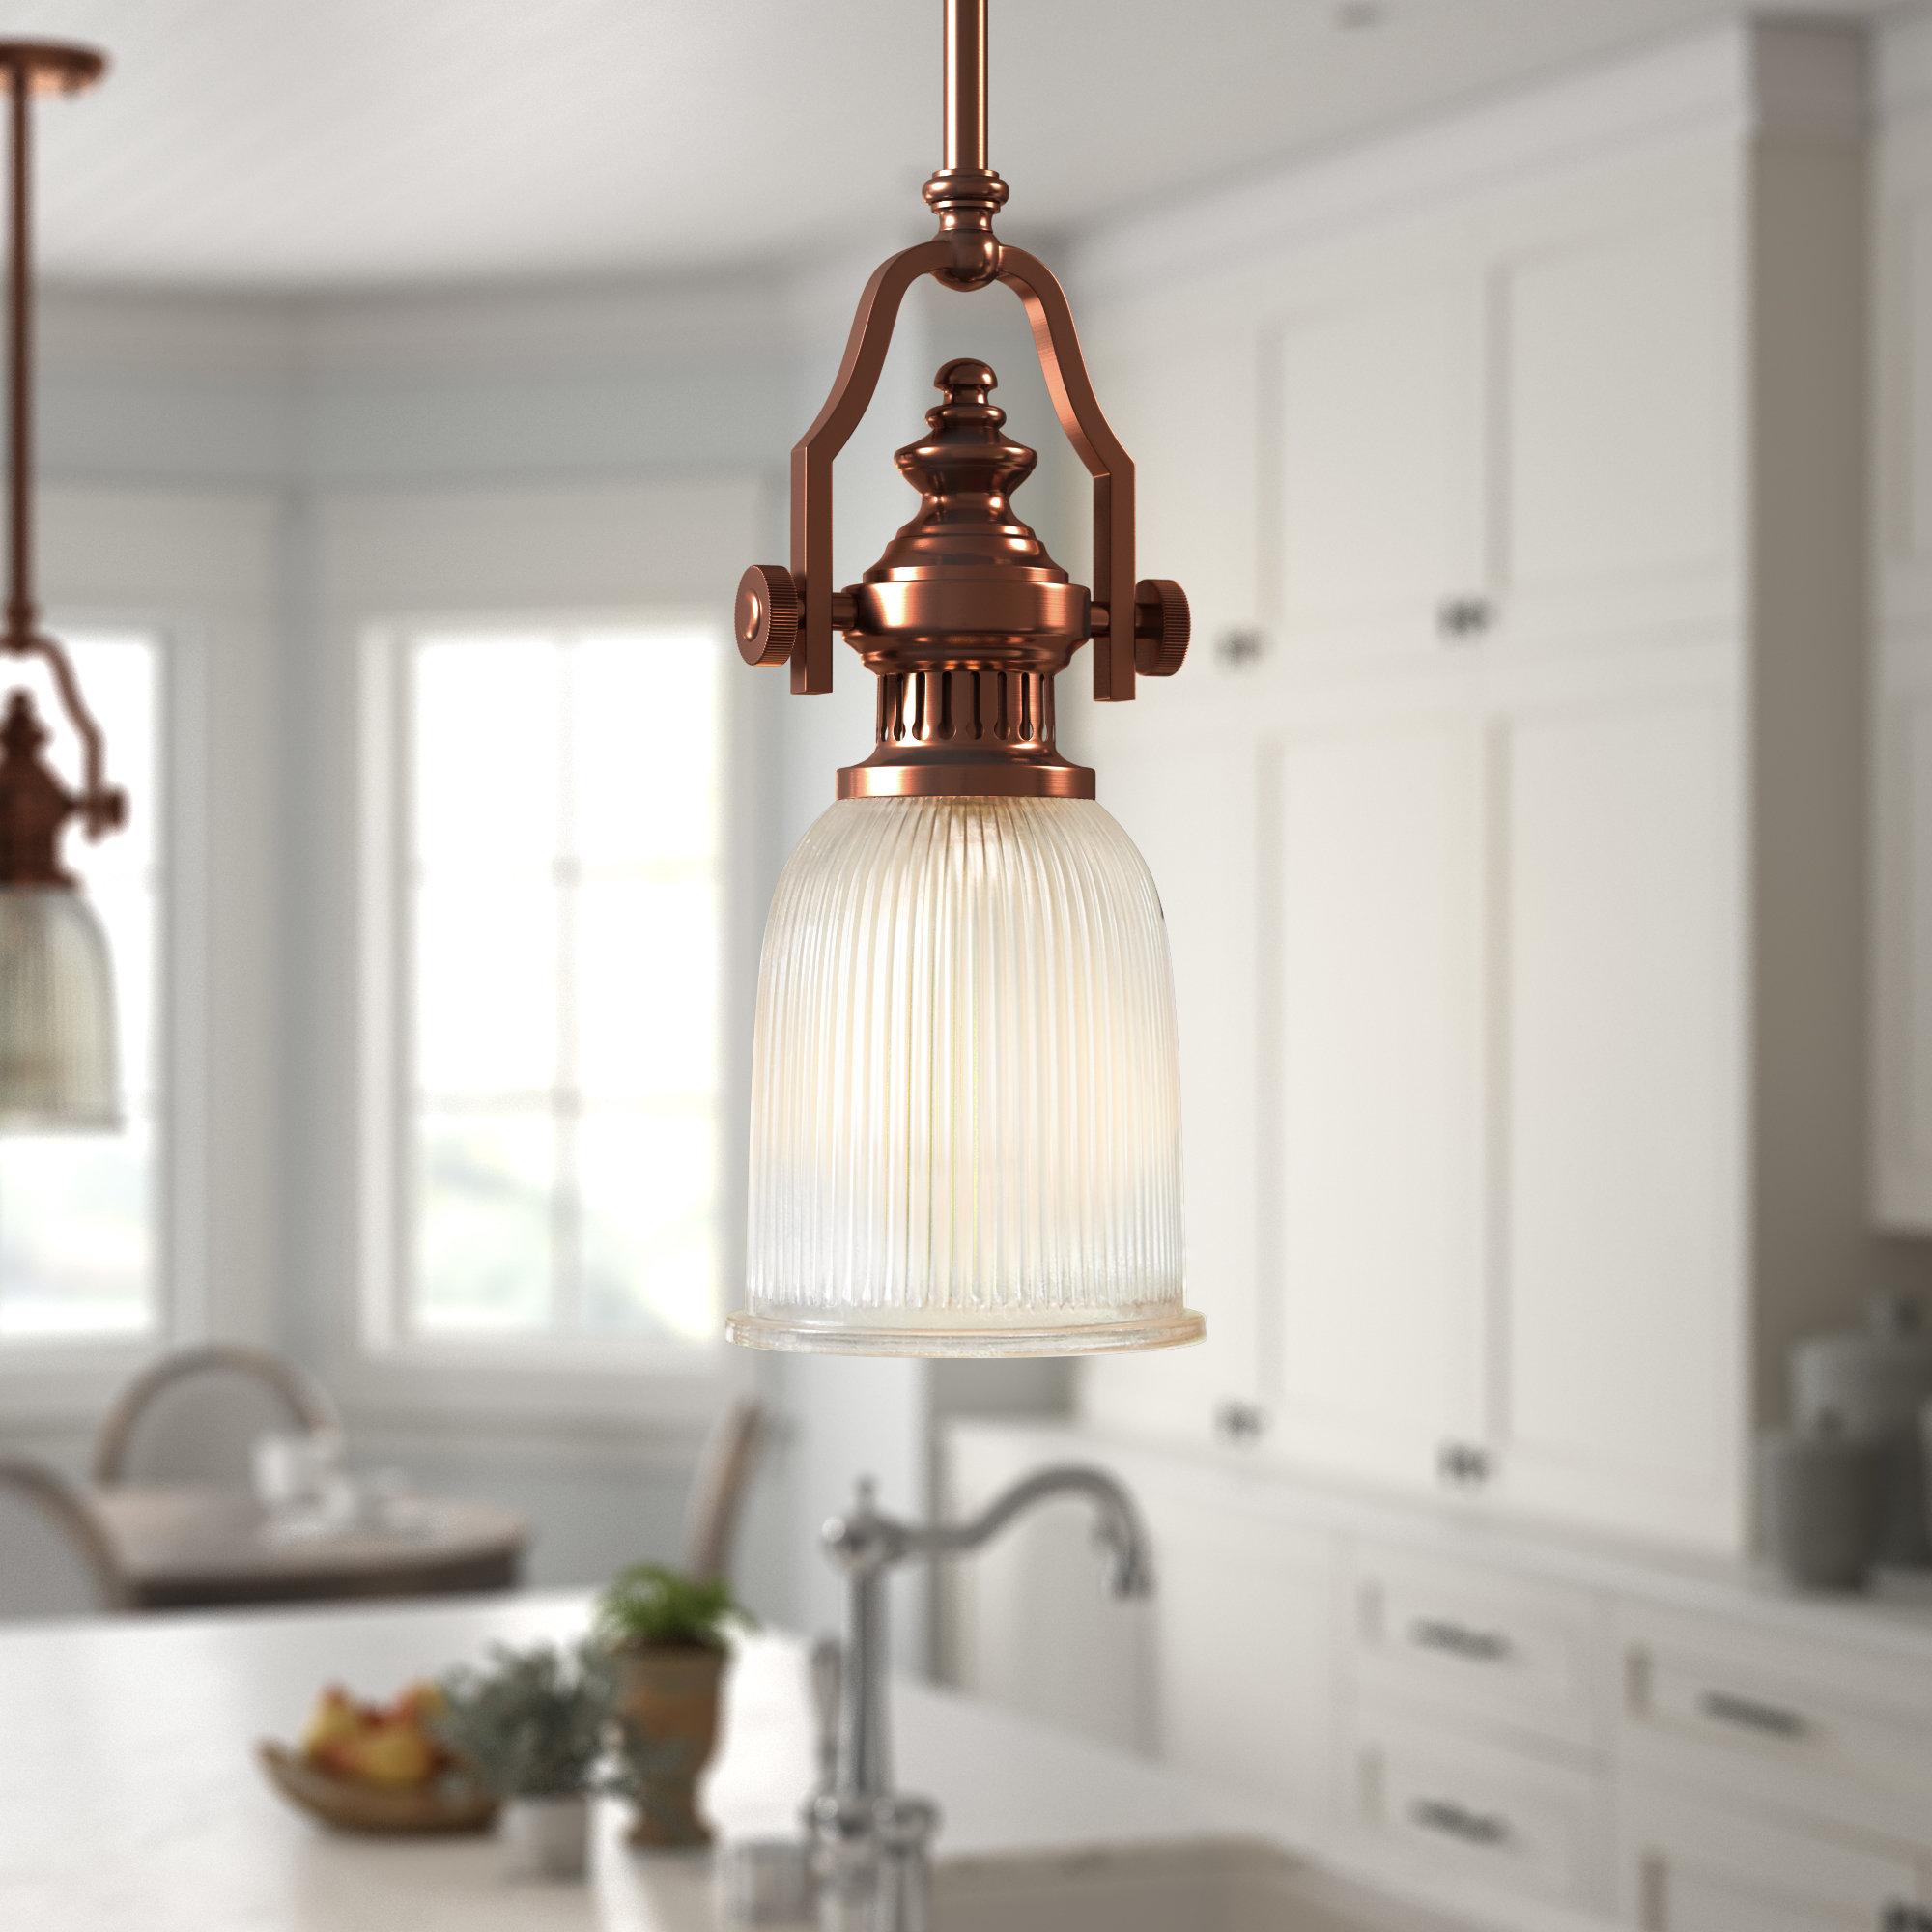 Erico 1 Light Single Bell Pendant Intended For Erico 1 Light Single Bell Pendants (Photo 1 of 30)